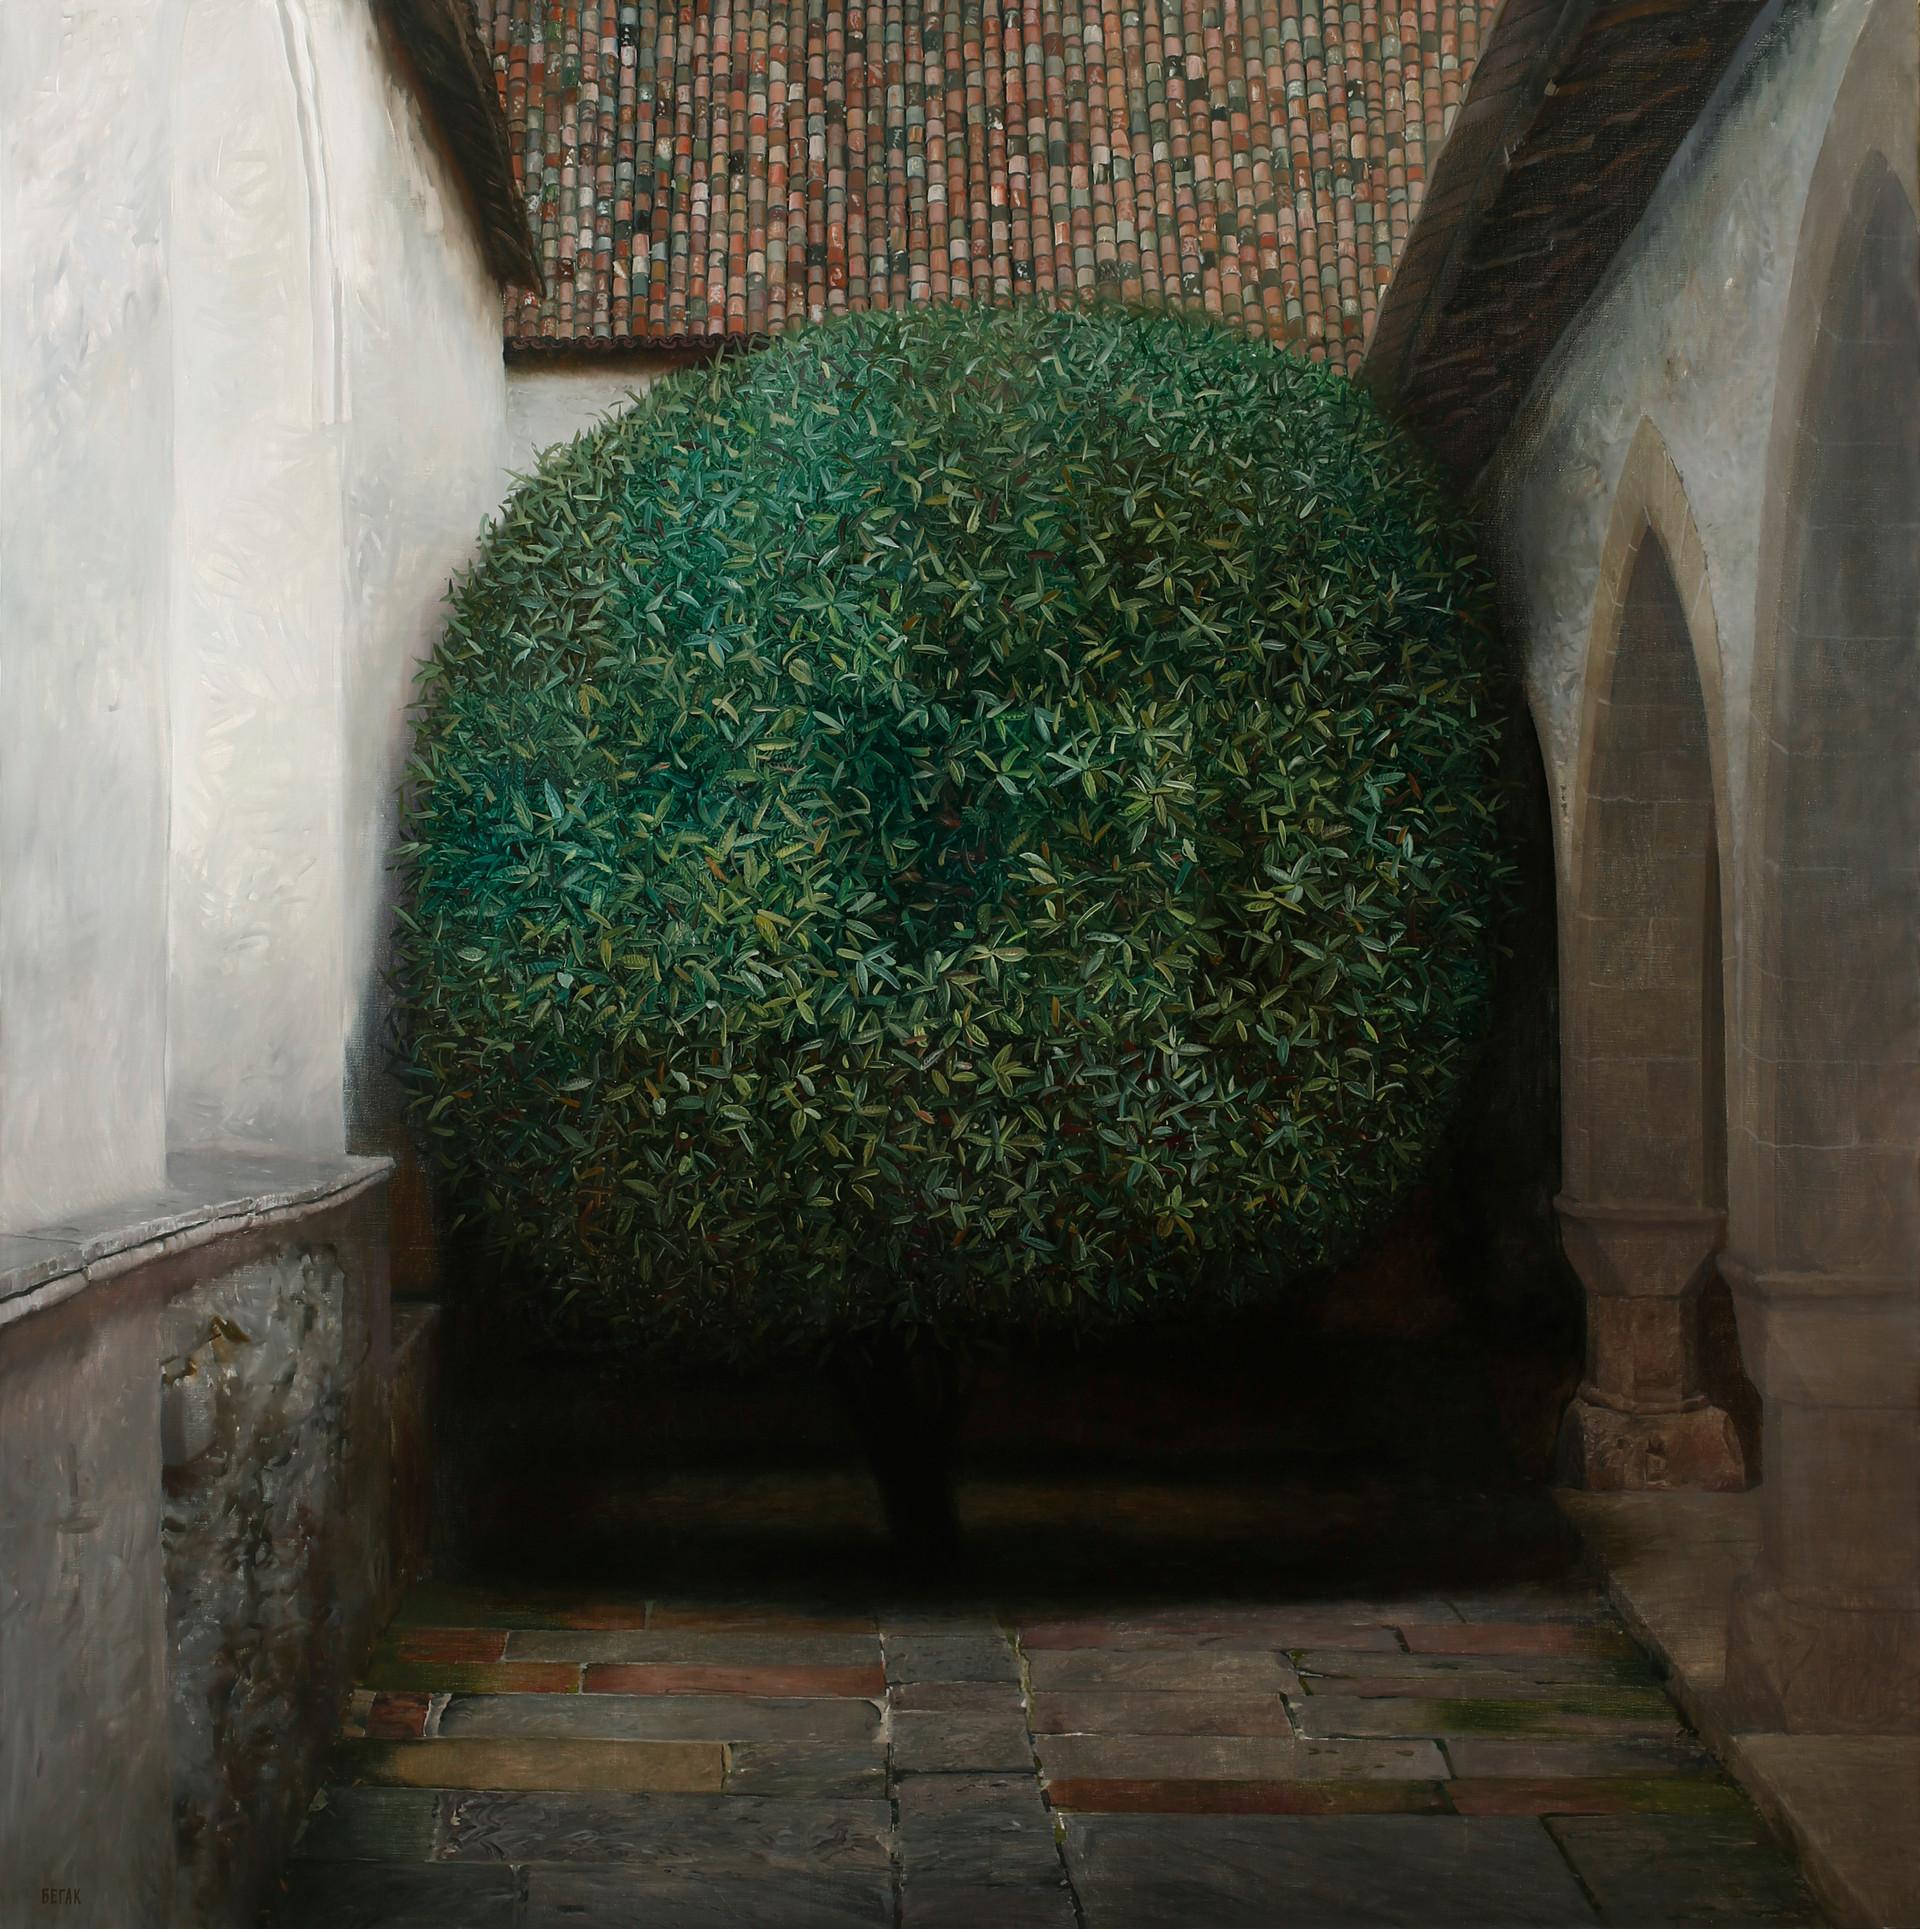 Tree between walls